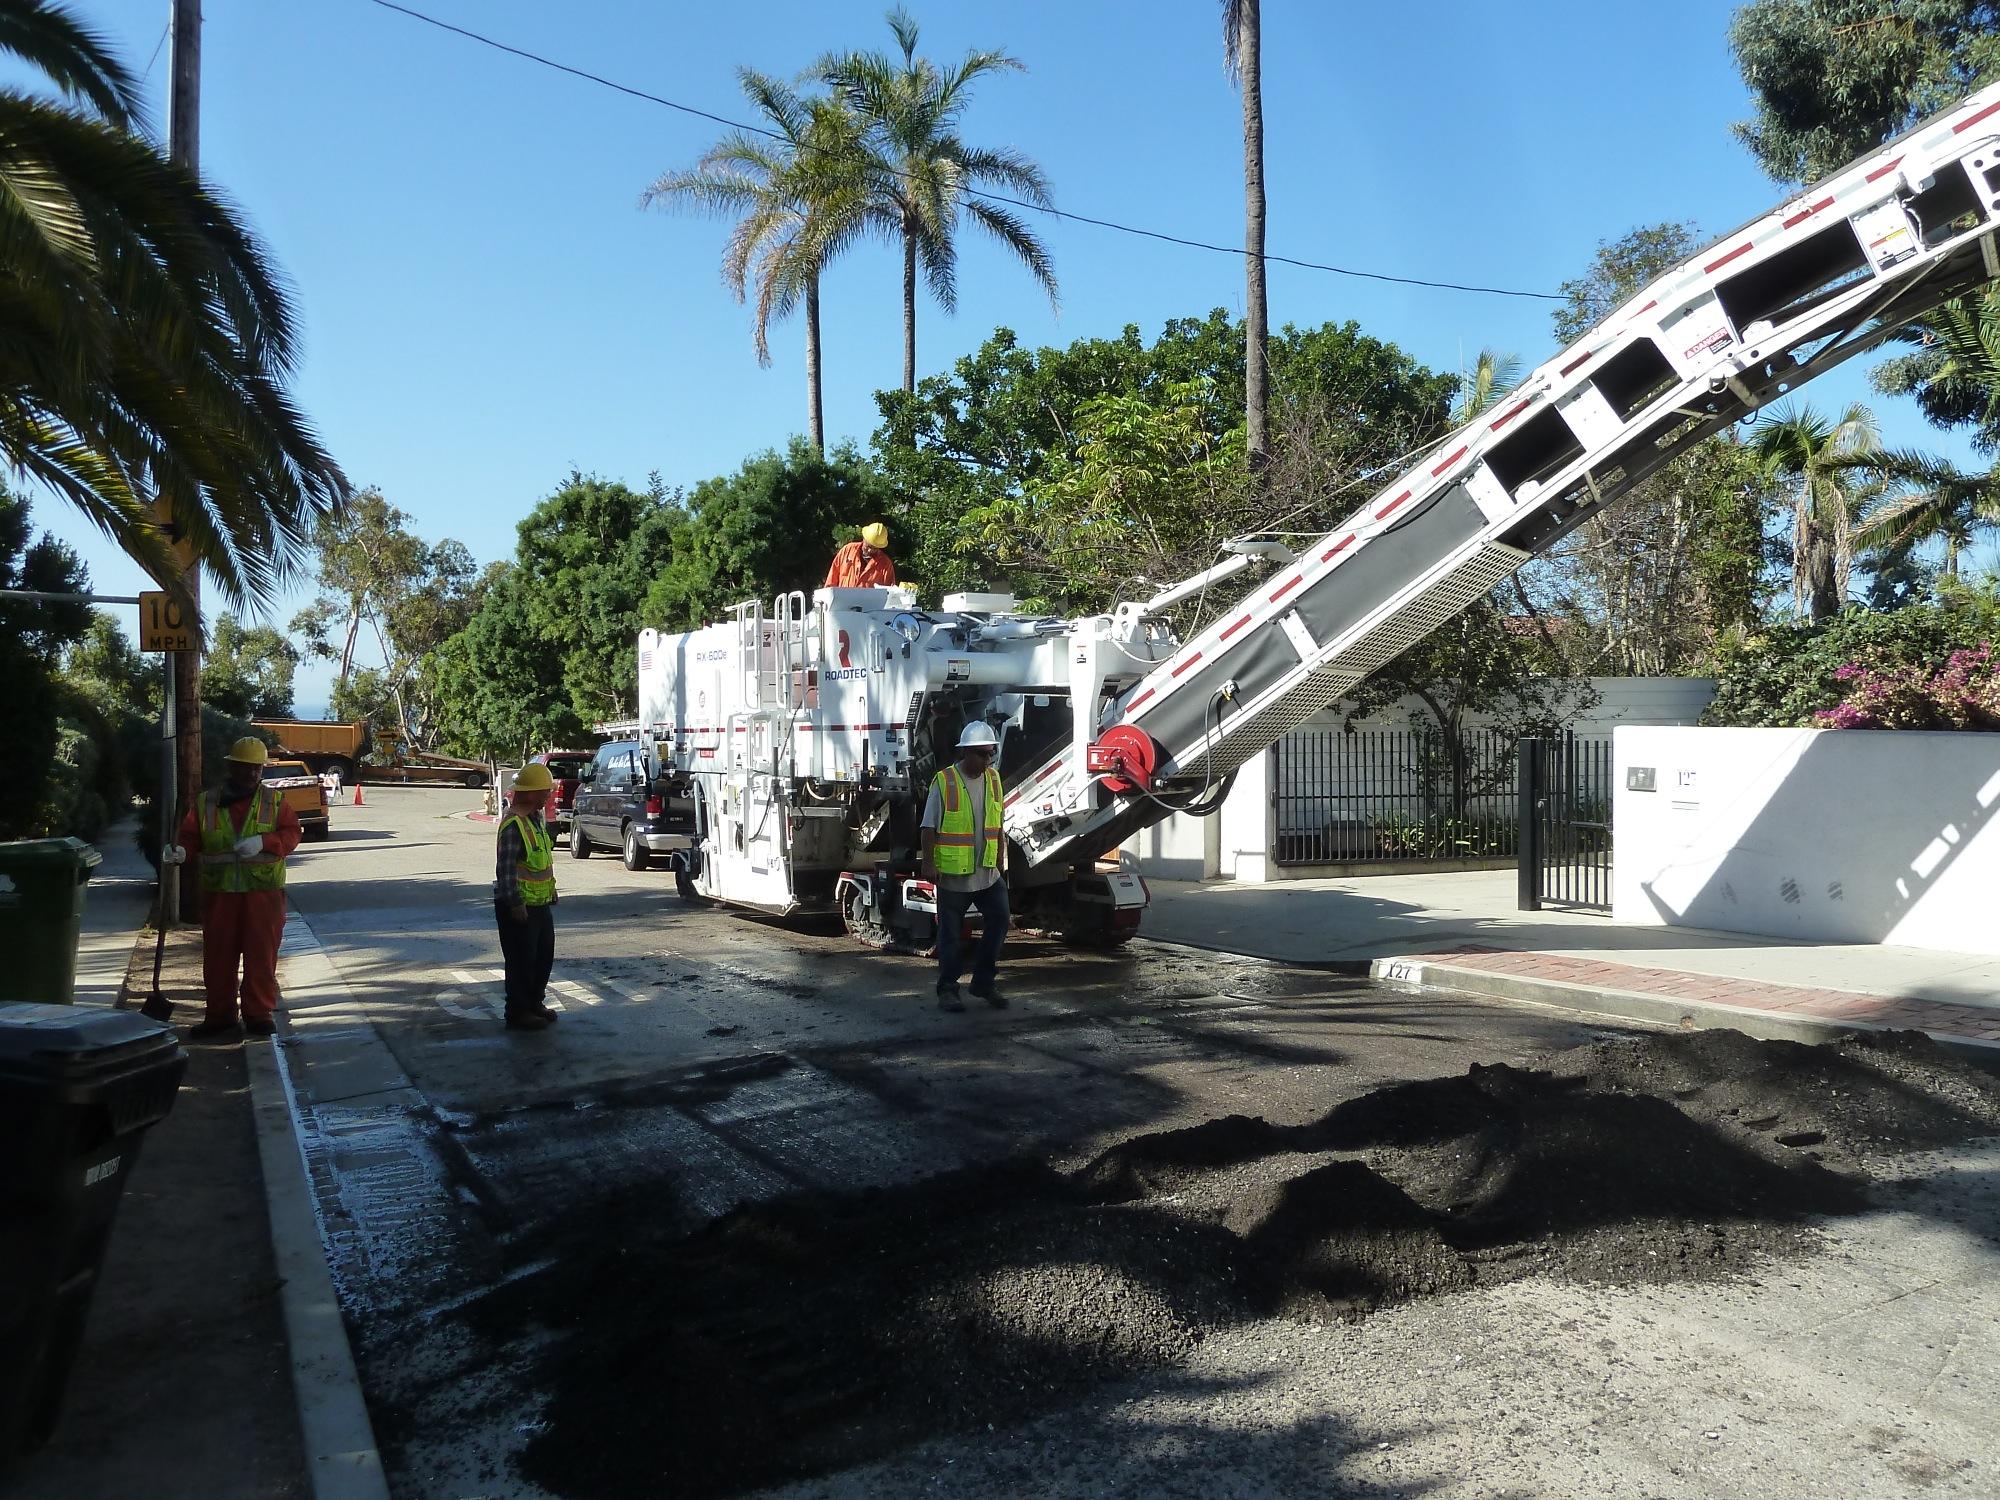 Milled asphalt goes up conveyor